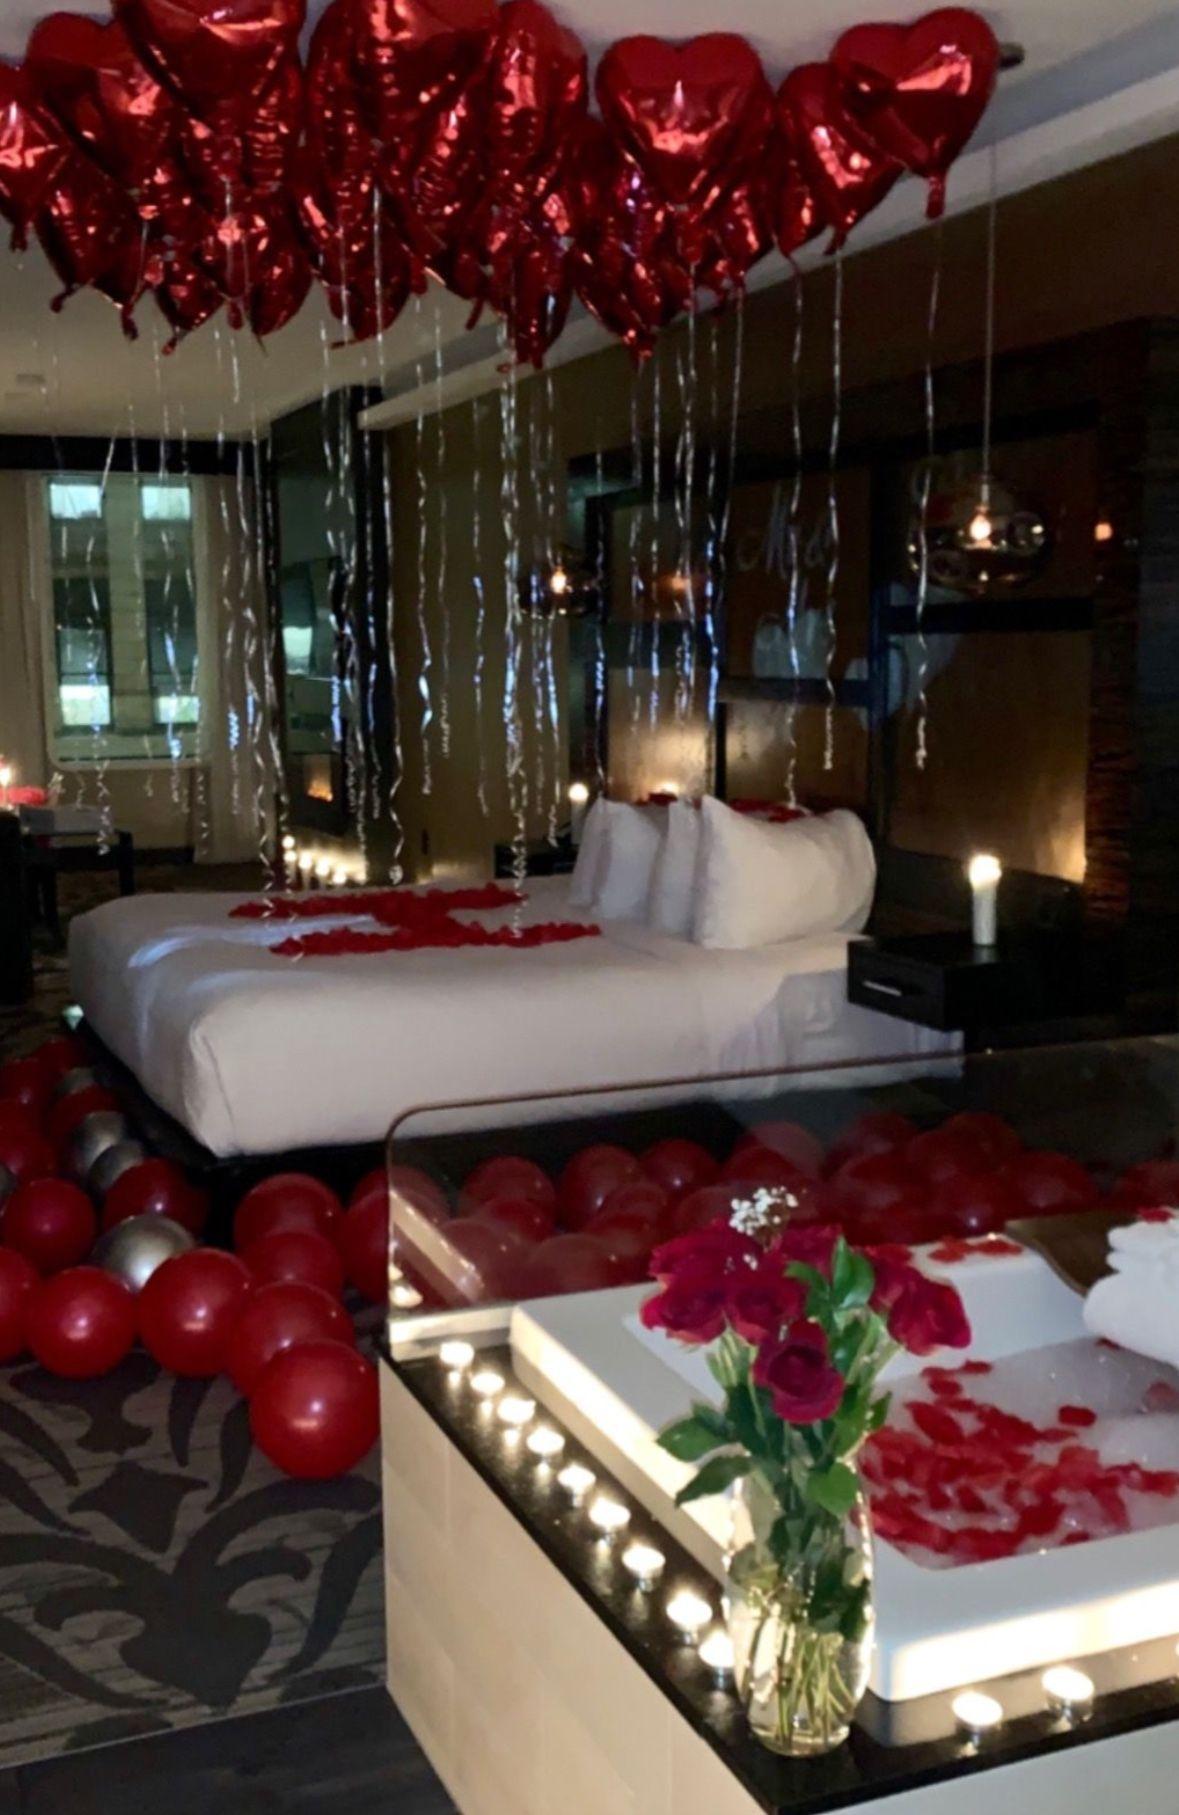 AnniversarySurprise in 2020 Romantic room surprise